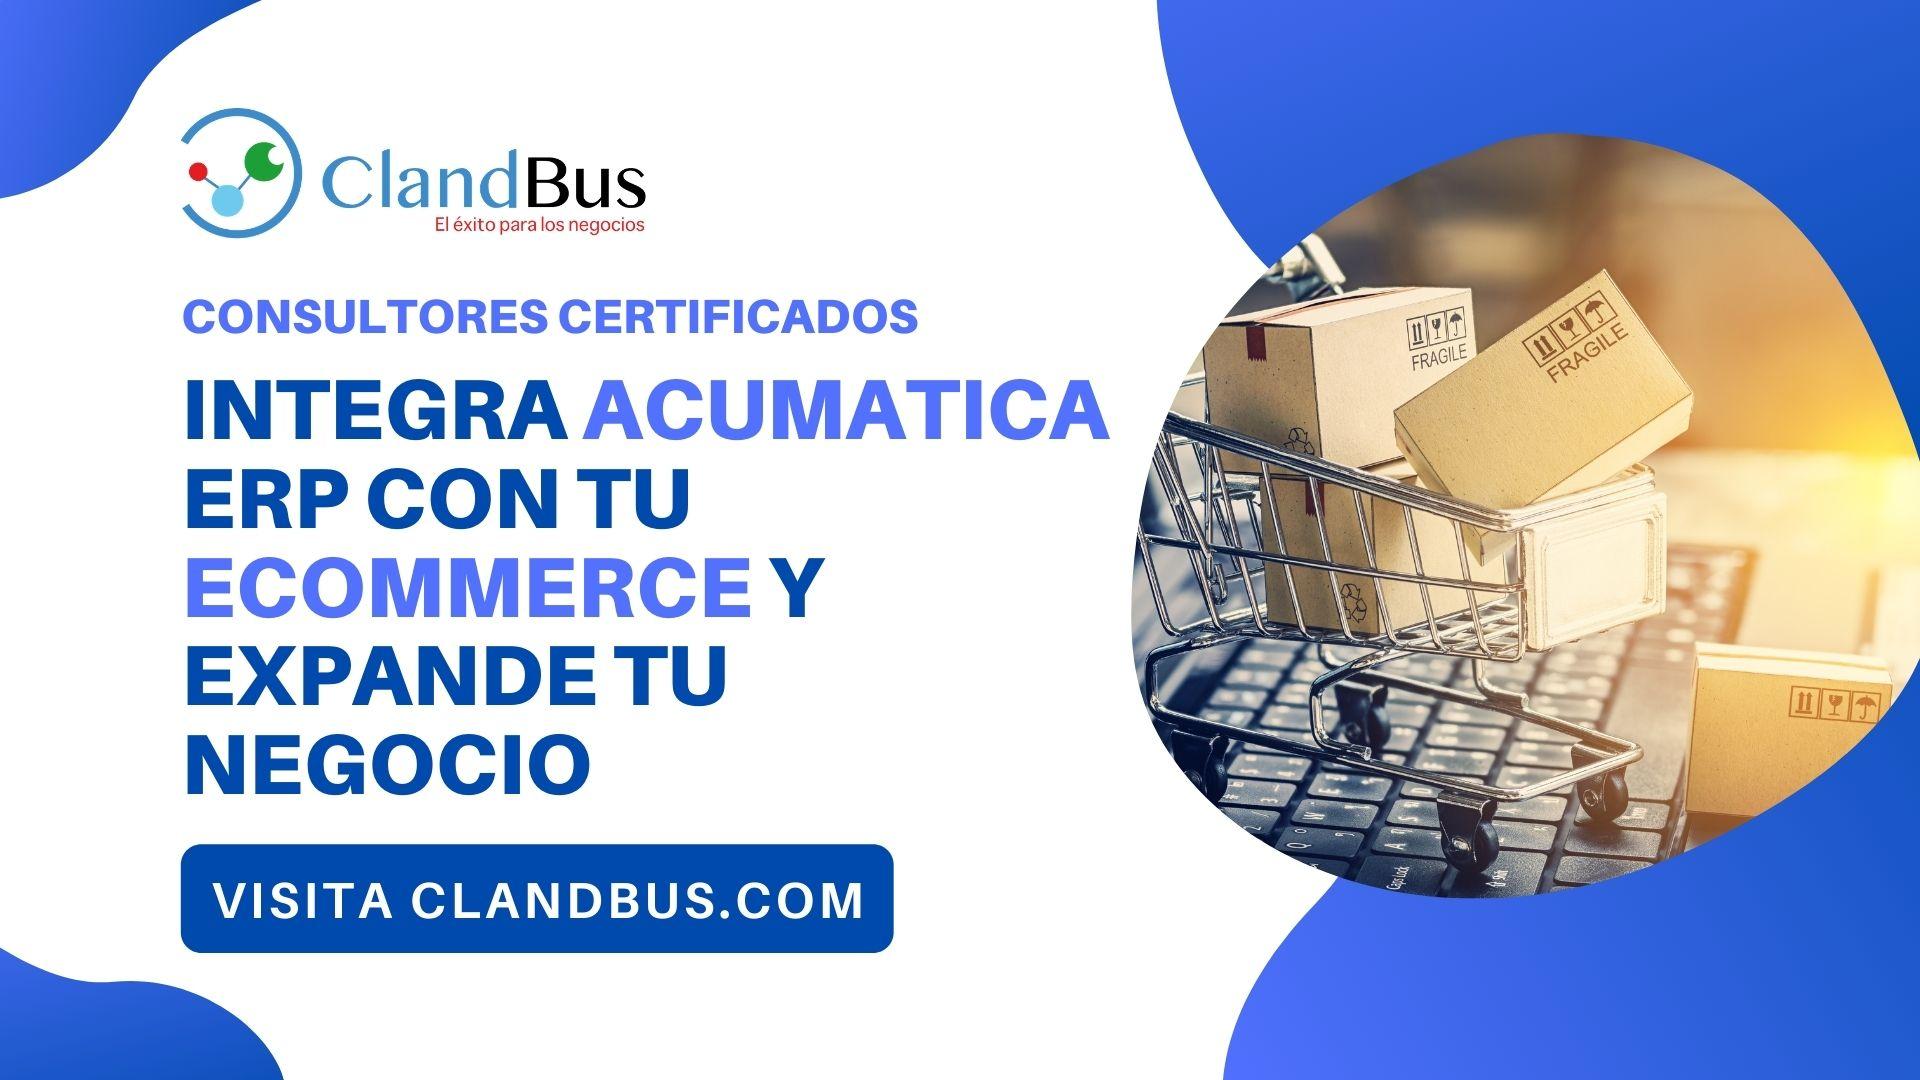 Shopify y Acumatica ERP -Integra tu Ecommerce y genera el cambio en tu empresa generando la alta productividad que necesitas para generas ingresos en tu empresa con ClandBus